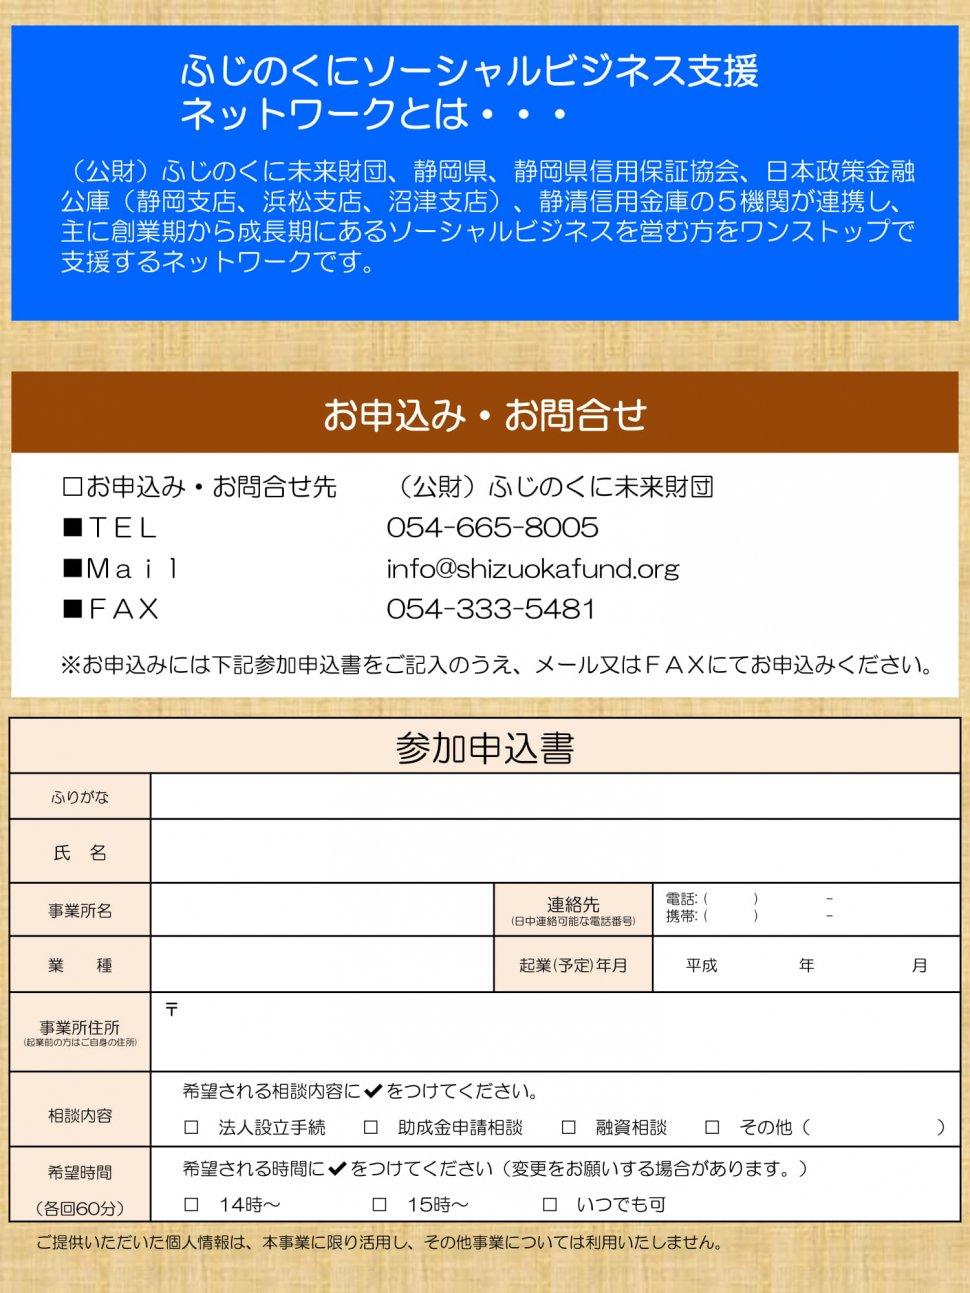 平成30年第3回資金相談会案内(2018.12.19)-2